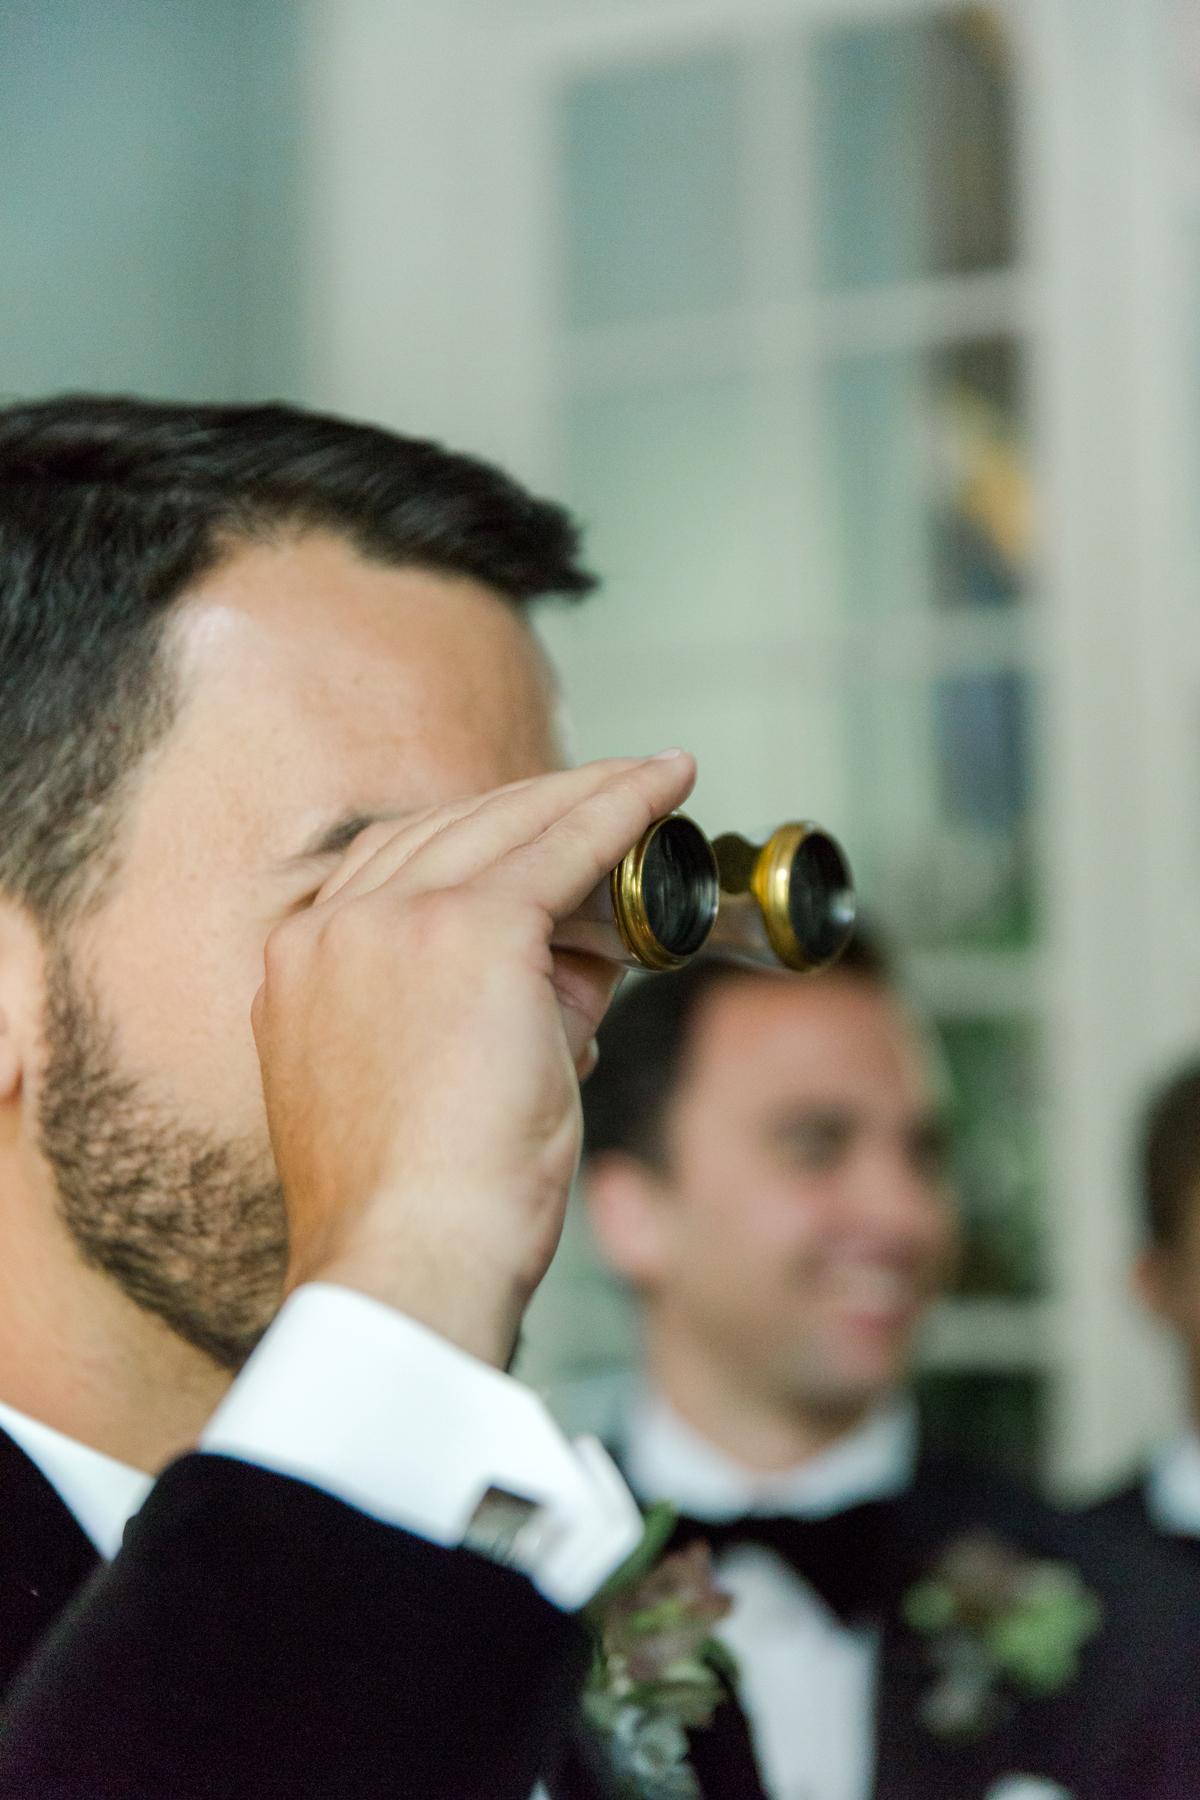 groom viewing bride through vintage binoculars